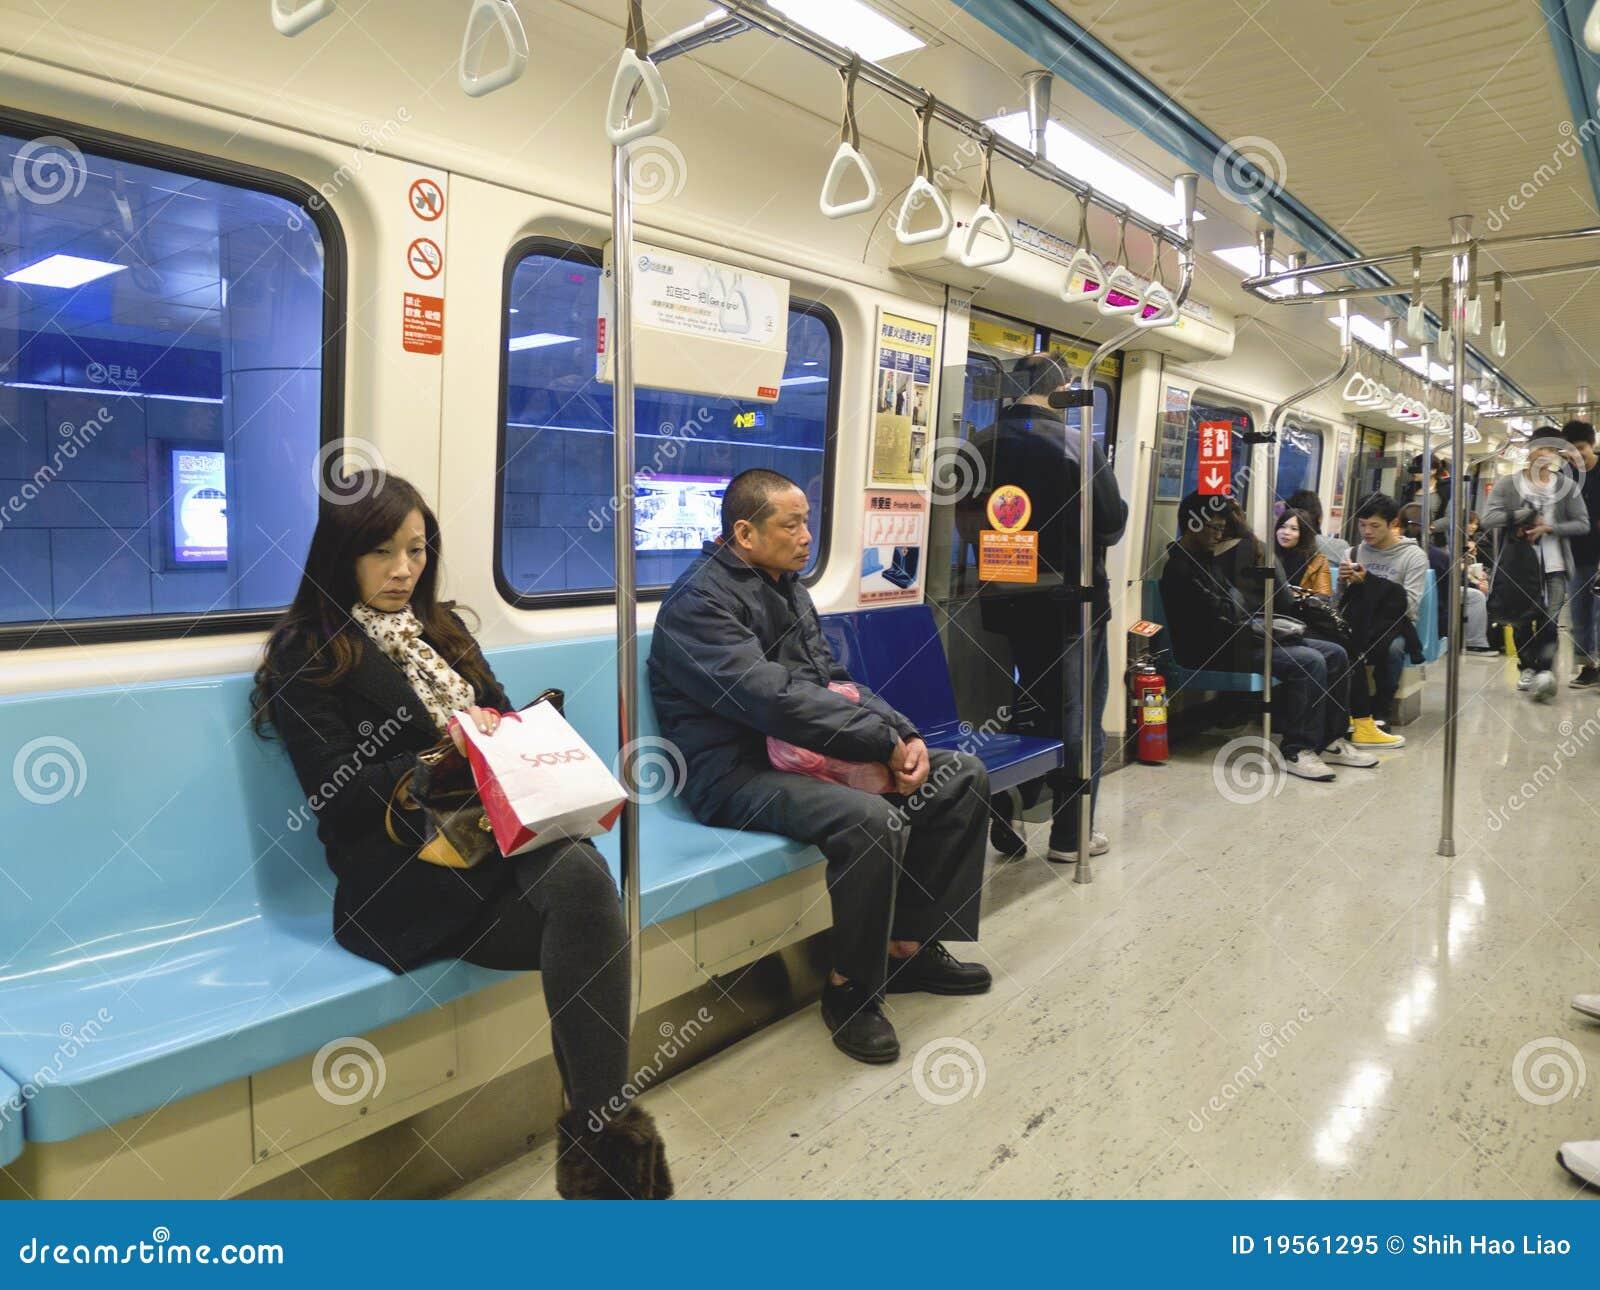 Chariot int rieur de m tro le 6 f vrier ta peh image for Metro interieur